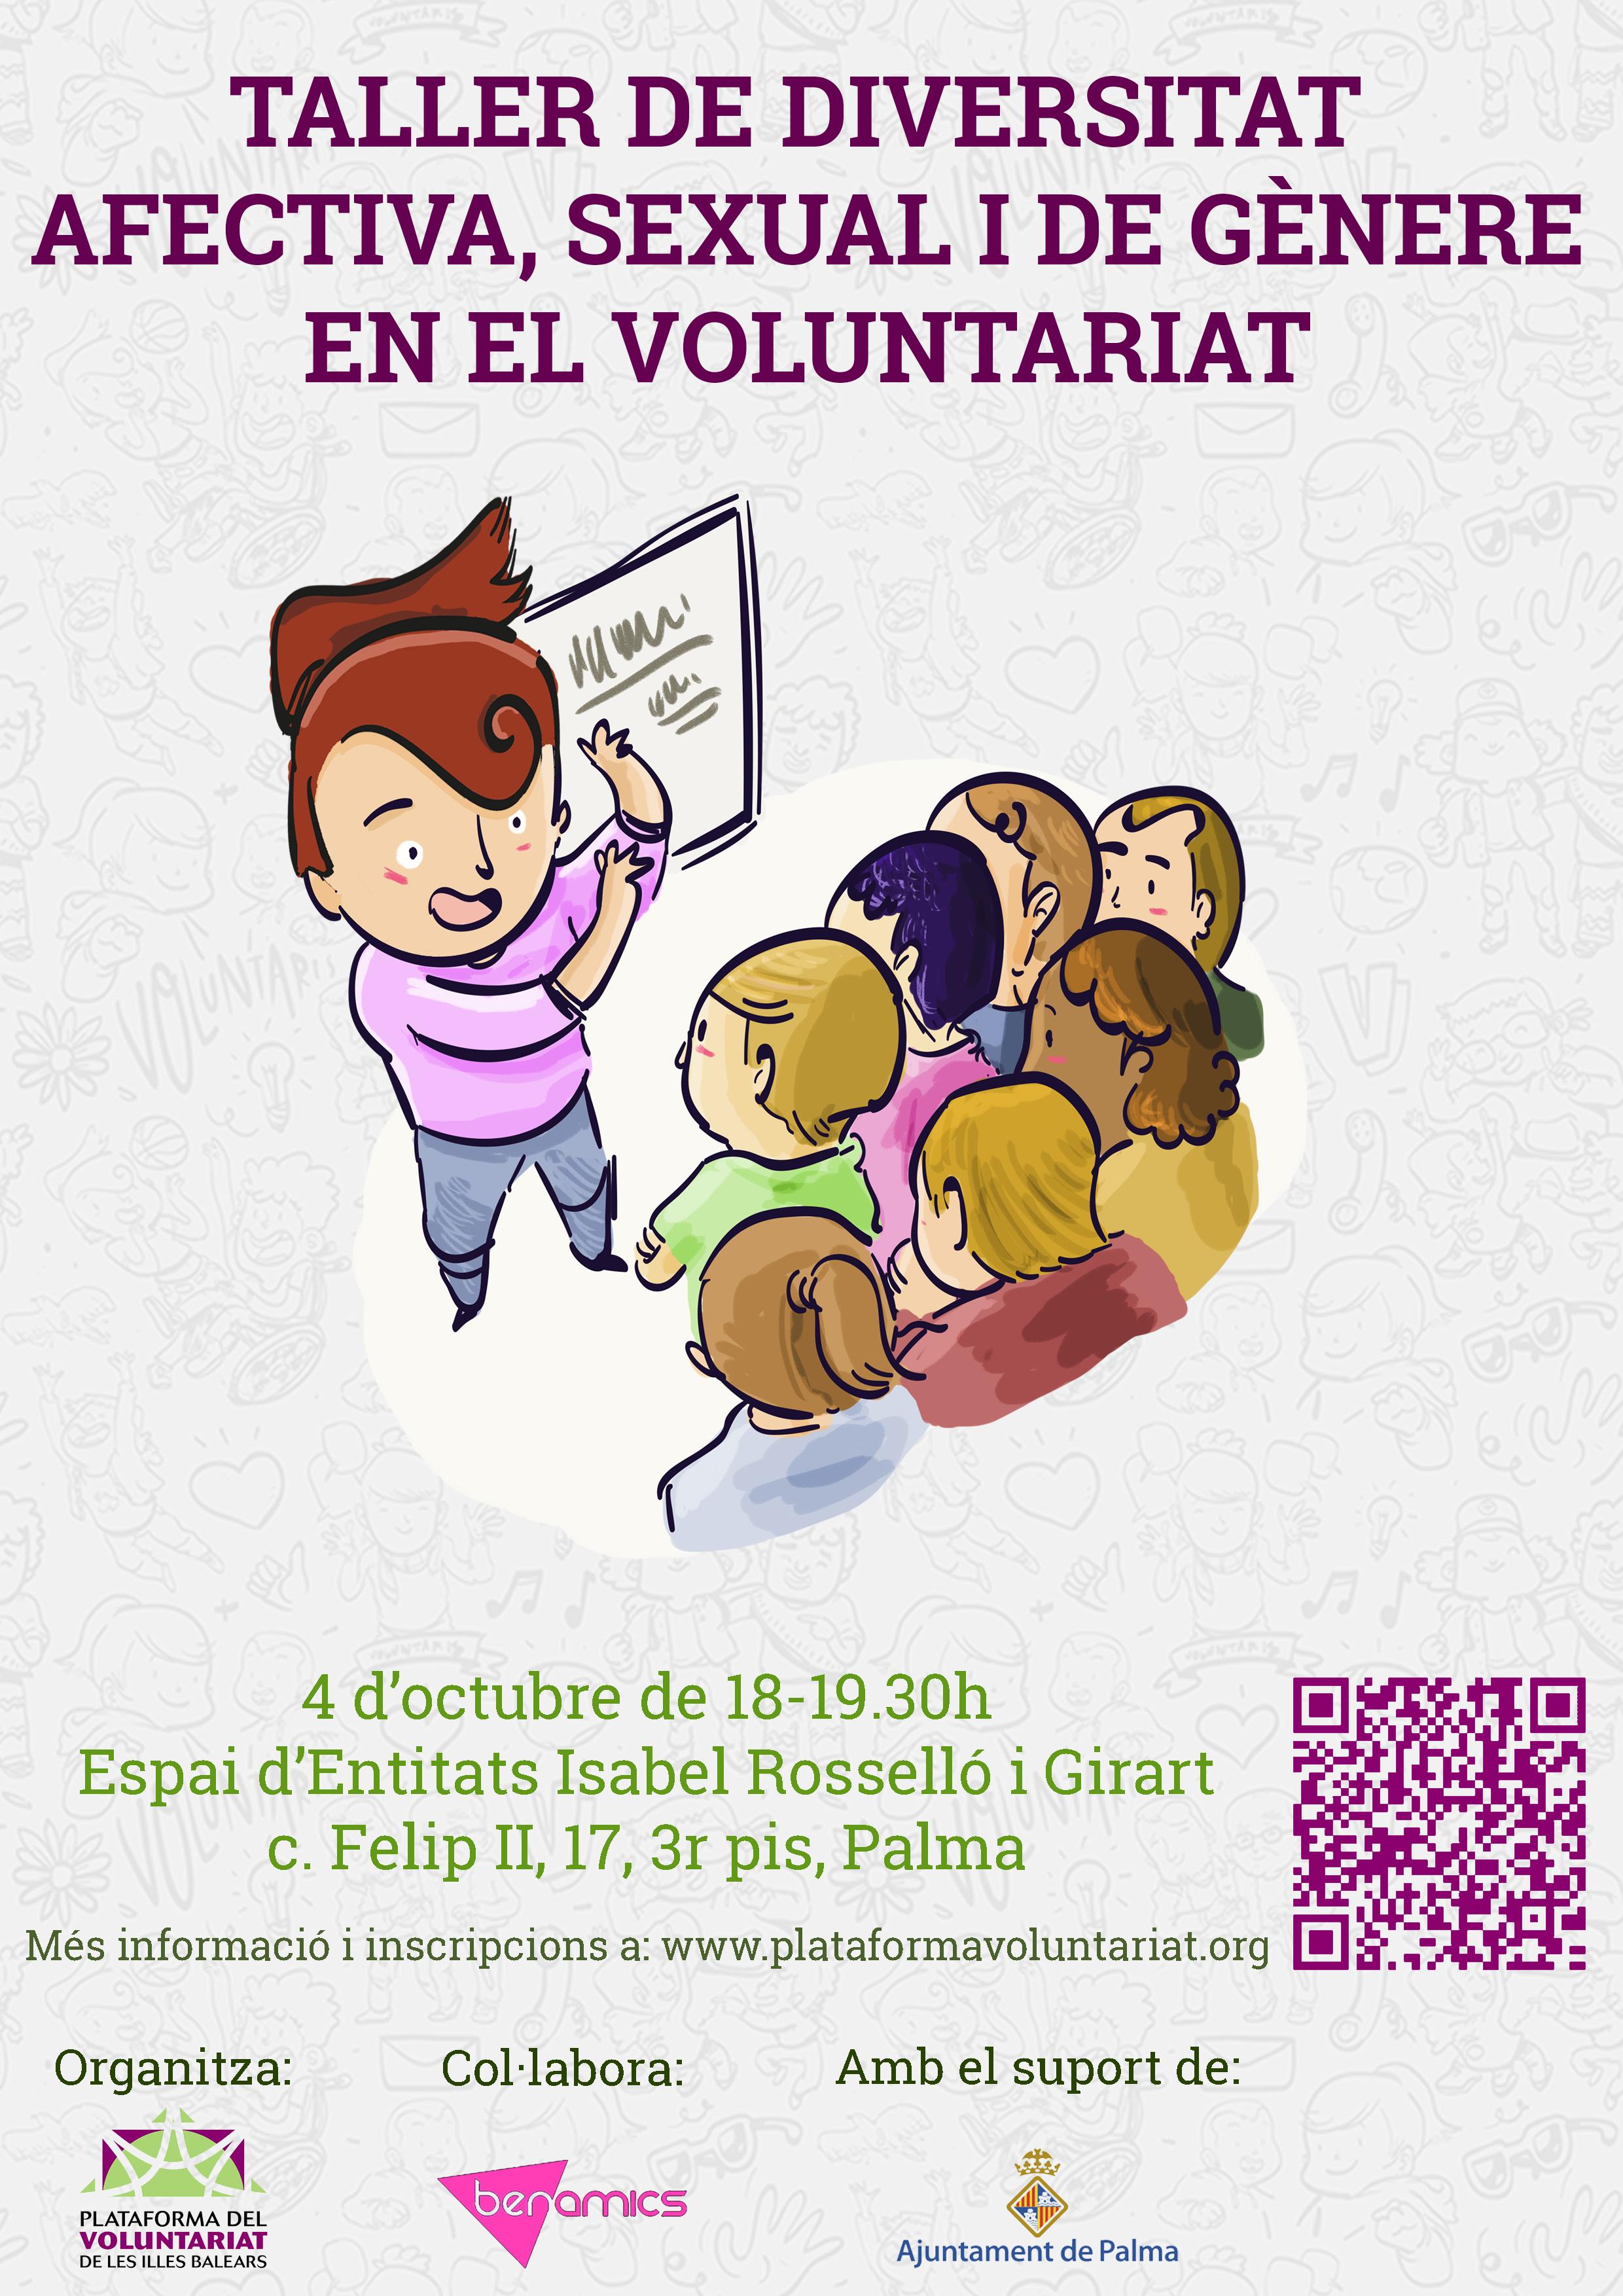 Taller de Diversitat afectiva, Sexual i de Gènere al Voluntariat